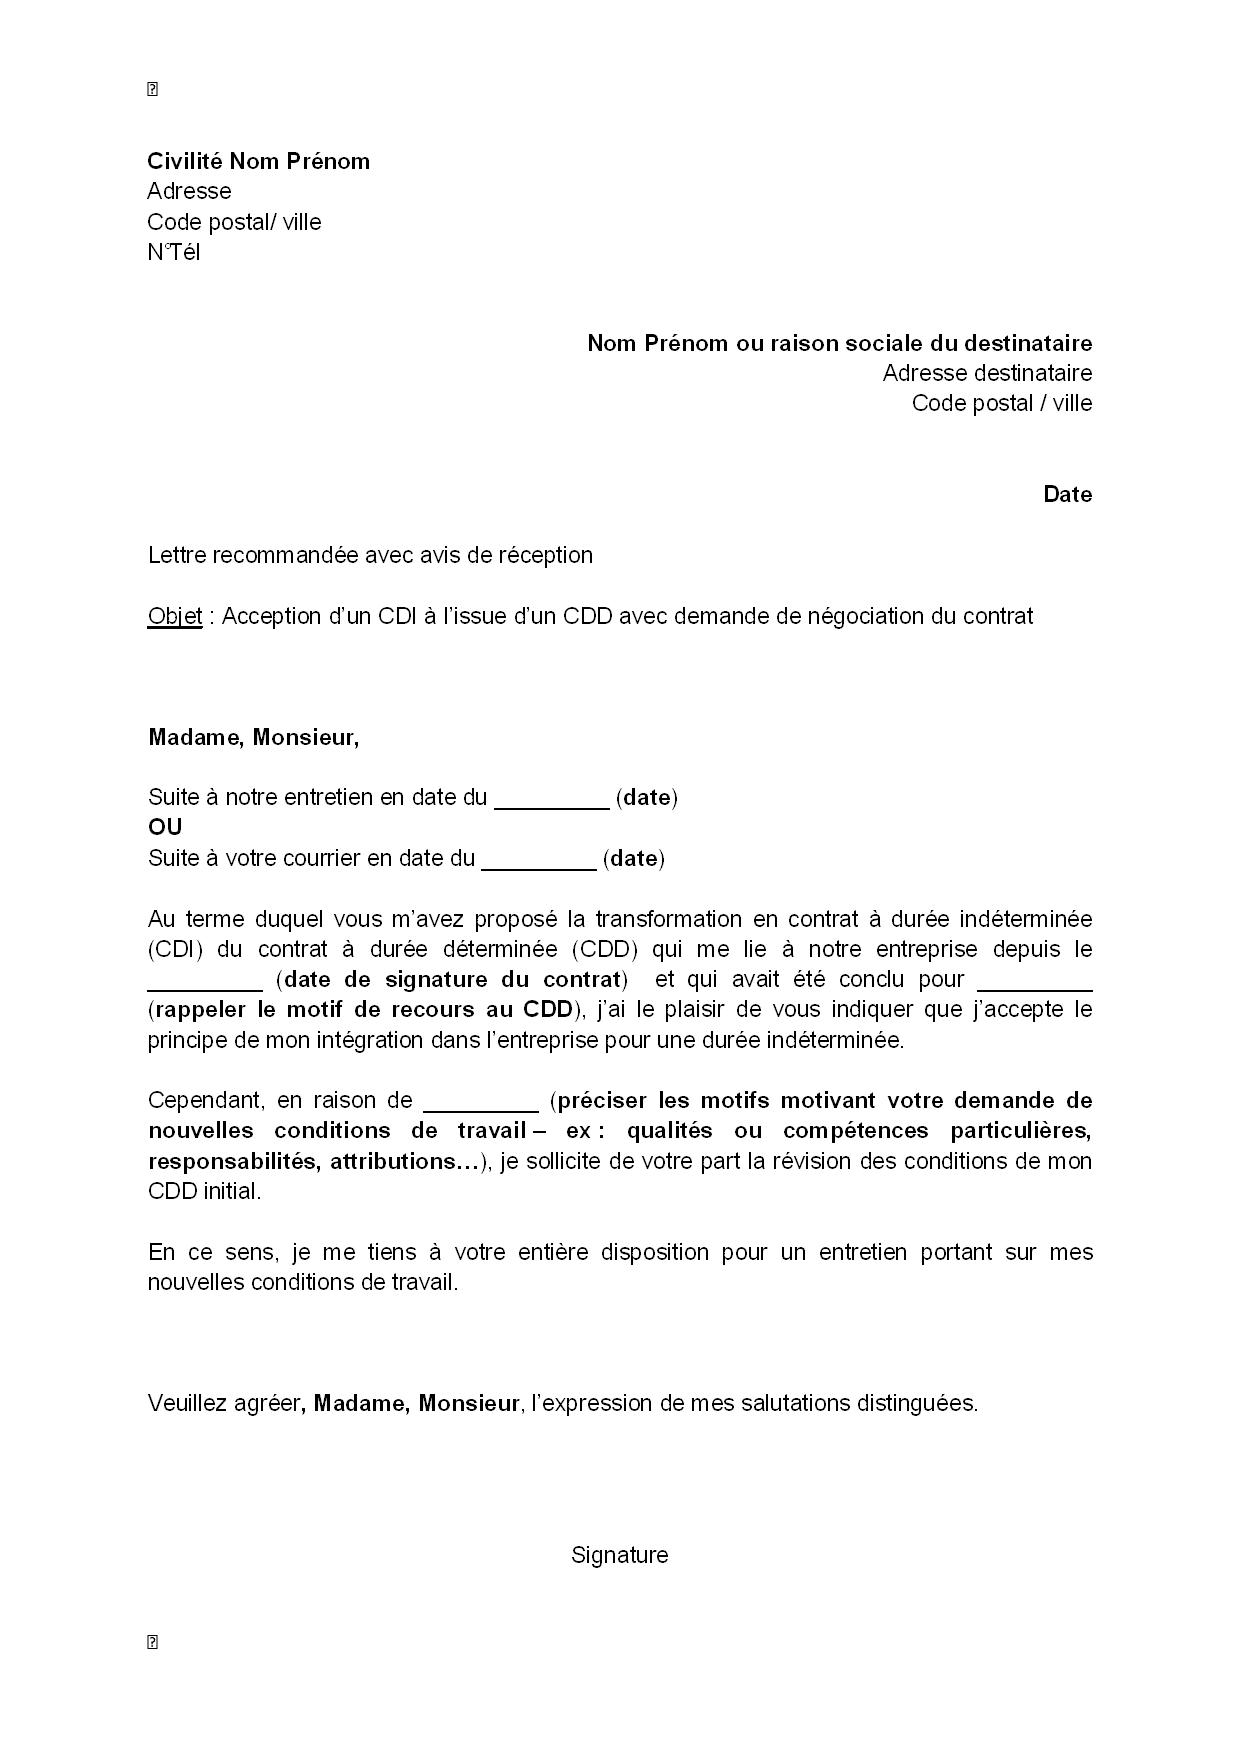 Exemple Gratuit De Lettre Acceptation Un Cdi A Issue Un Cdd Avec Demande Negociation Contrat Lettre A Exemple De Lettre Modeles De Lettres